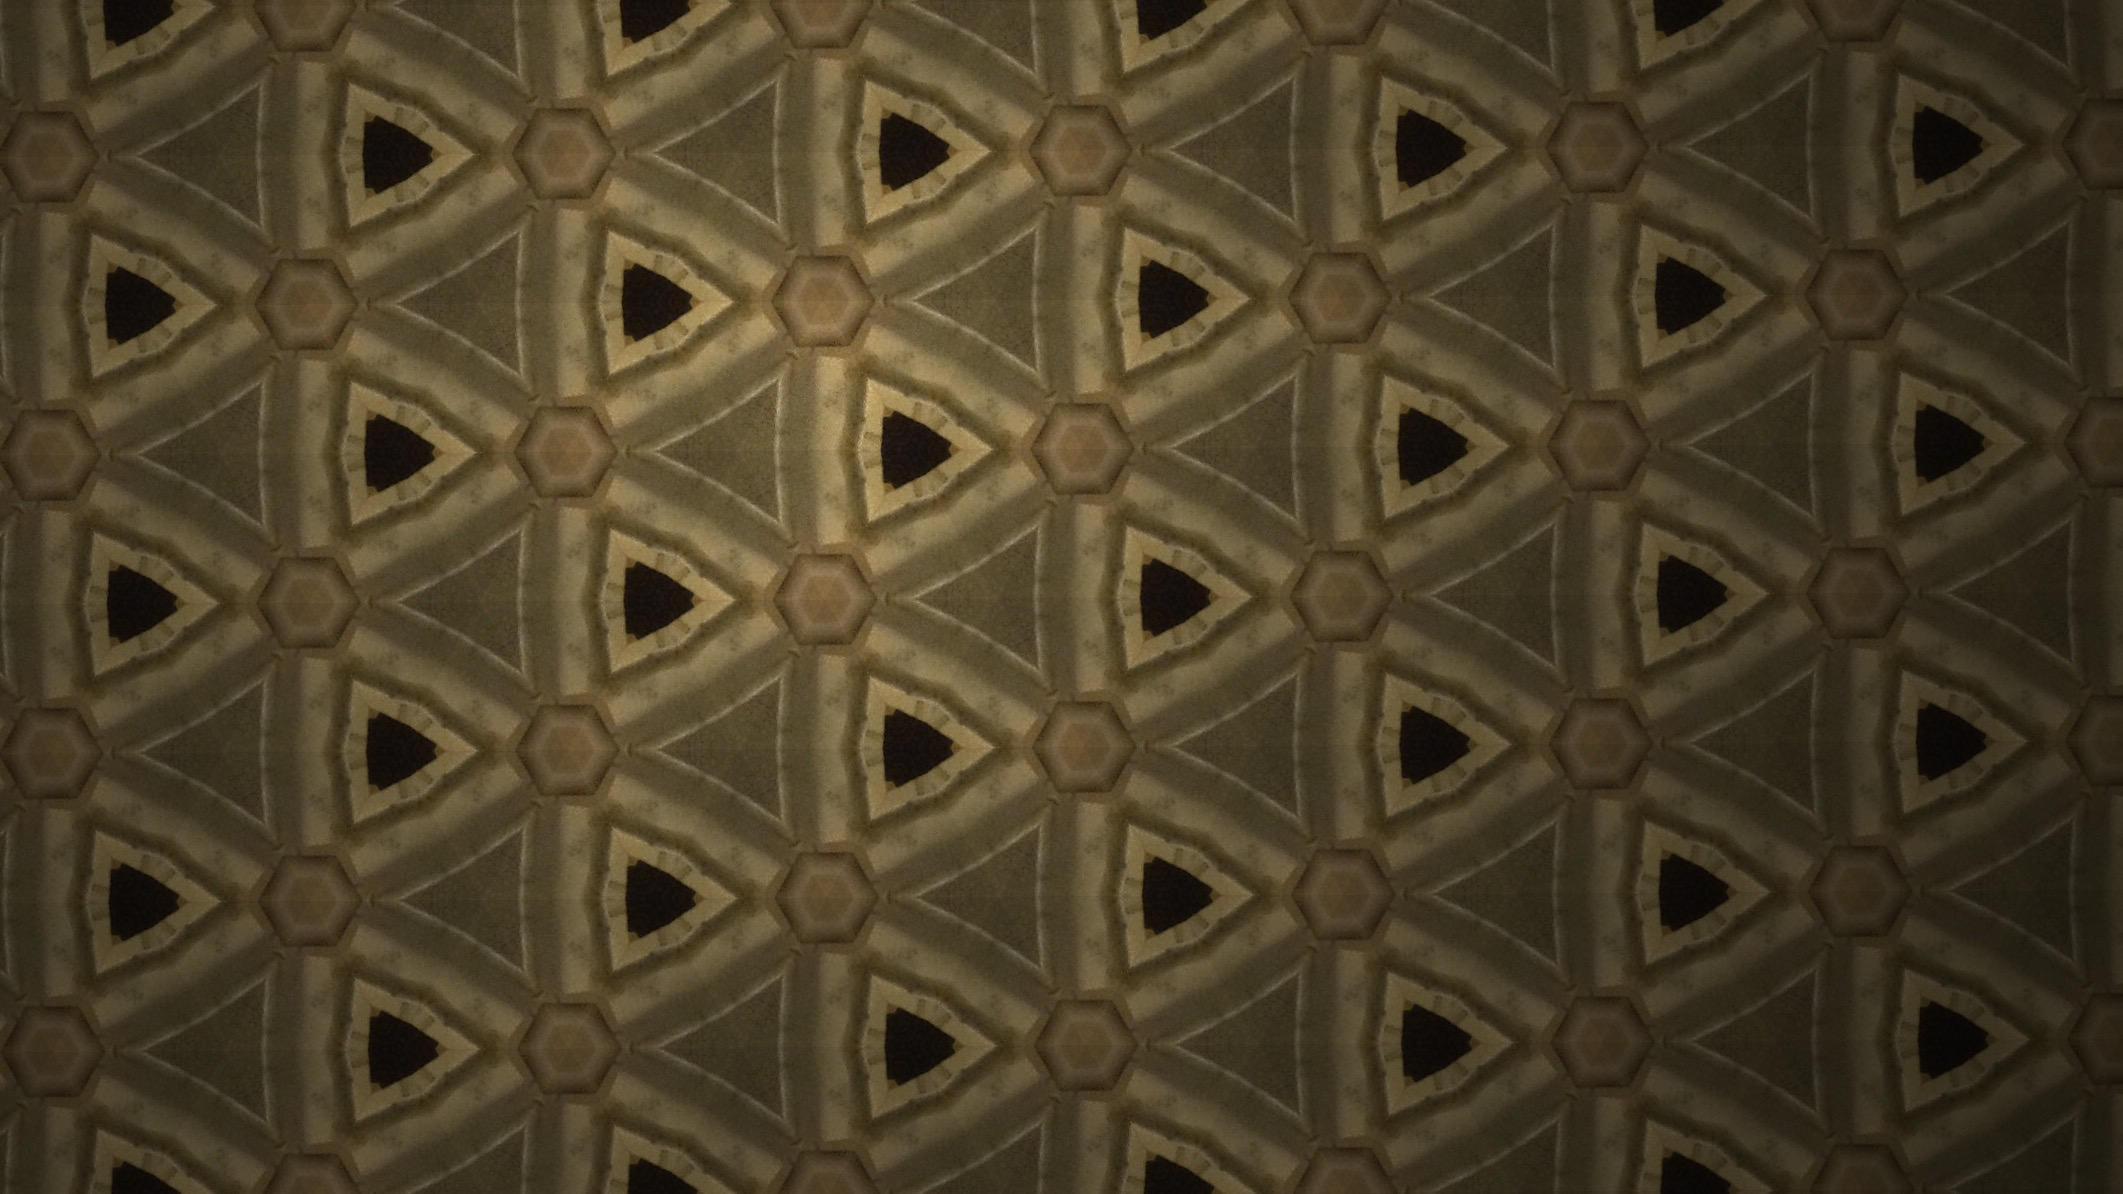 Arrow Pattern by jomy10